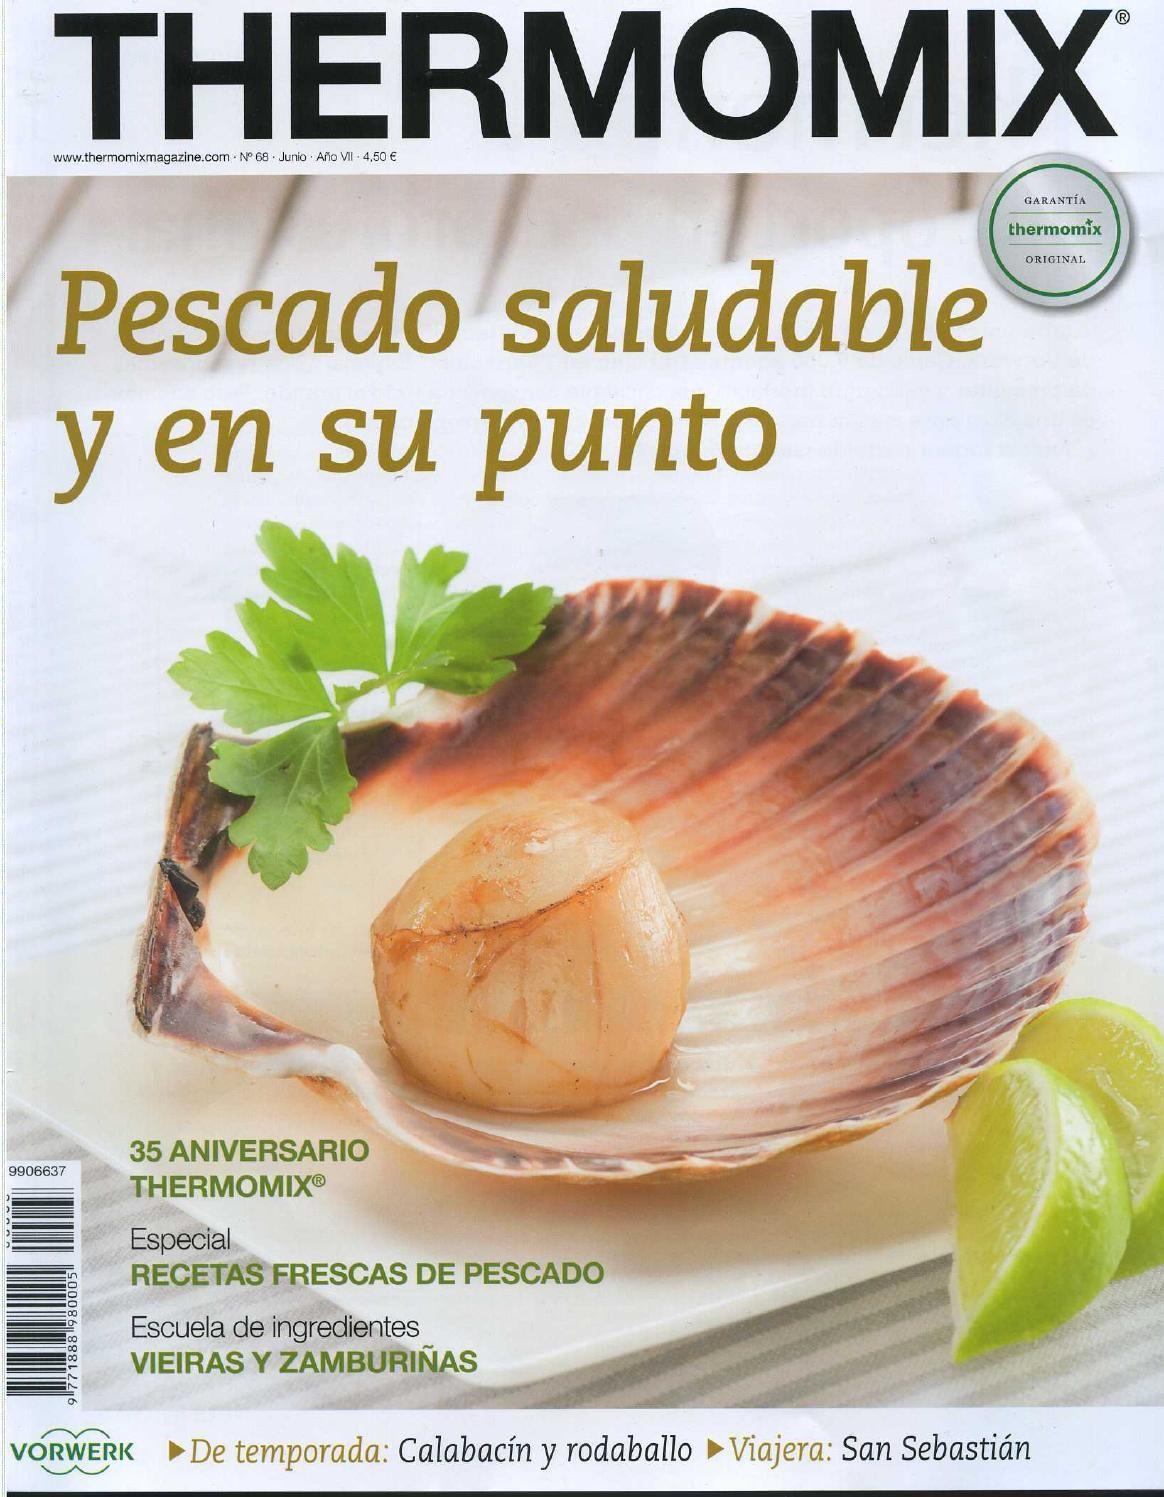 Revista Thermomix Nº68 Pescado Saludable Y En Su Punto Pescado Saludable Thermomix Saludable Pescado Thermomix